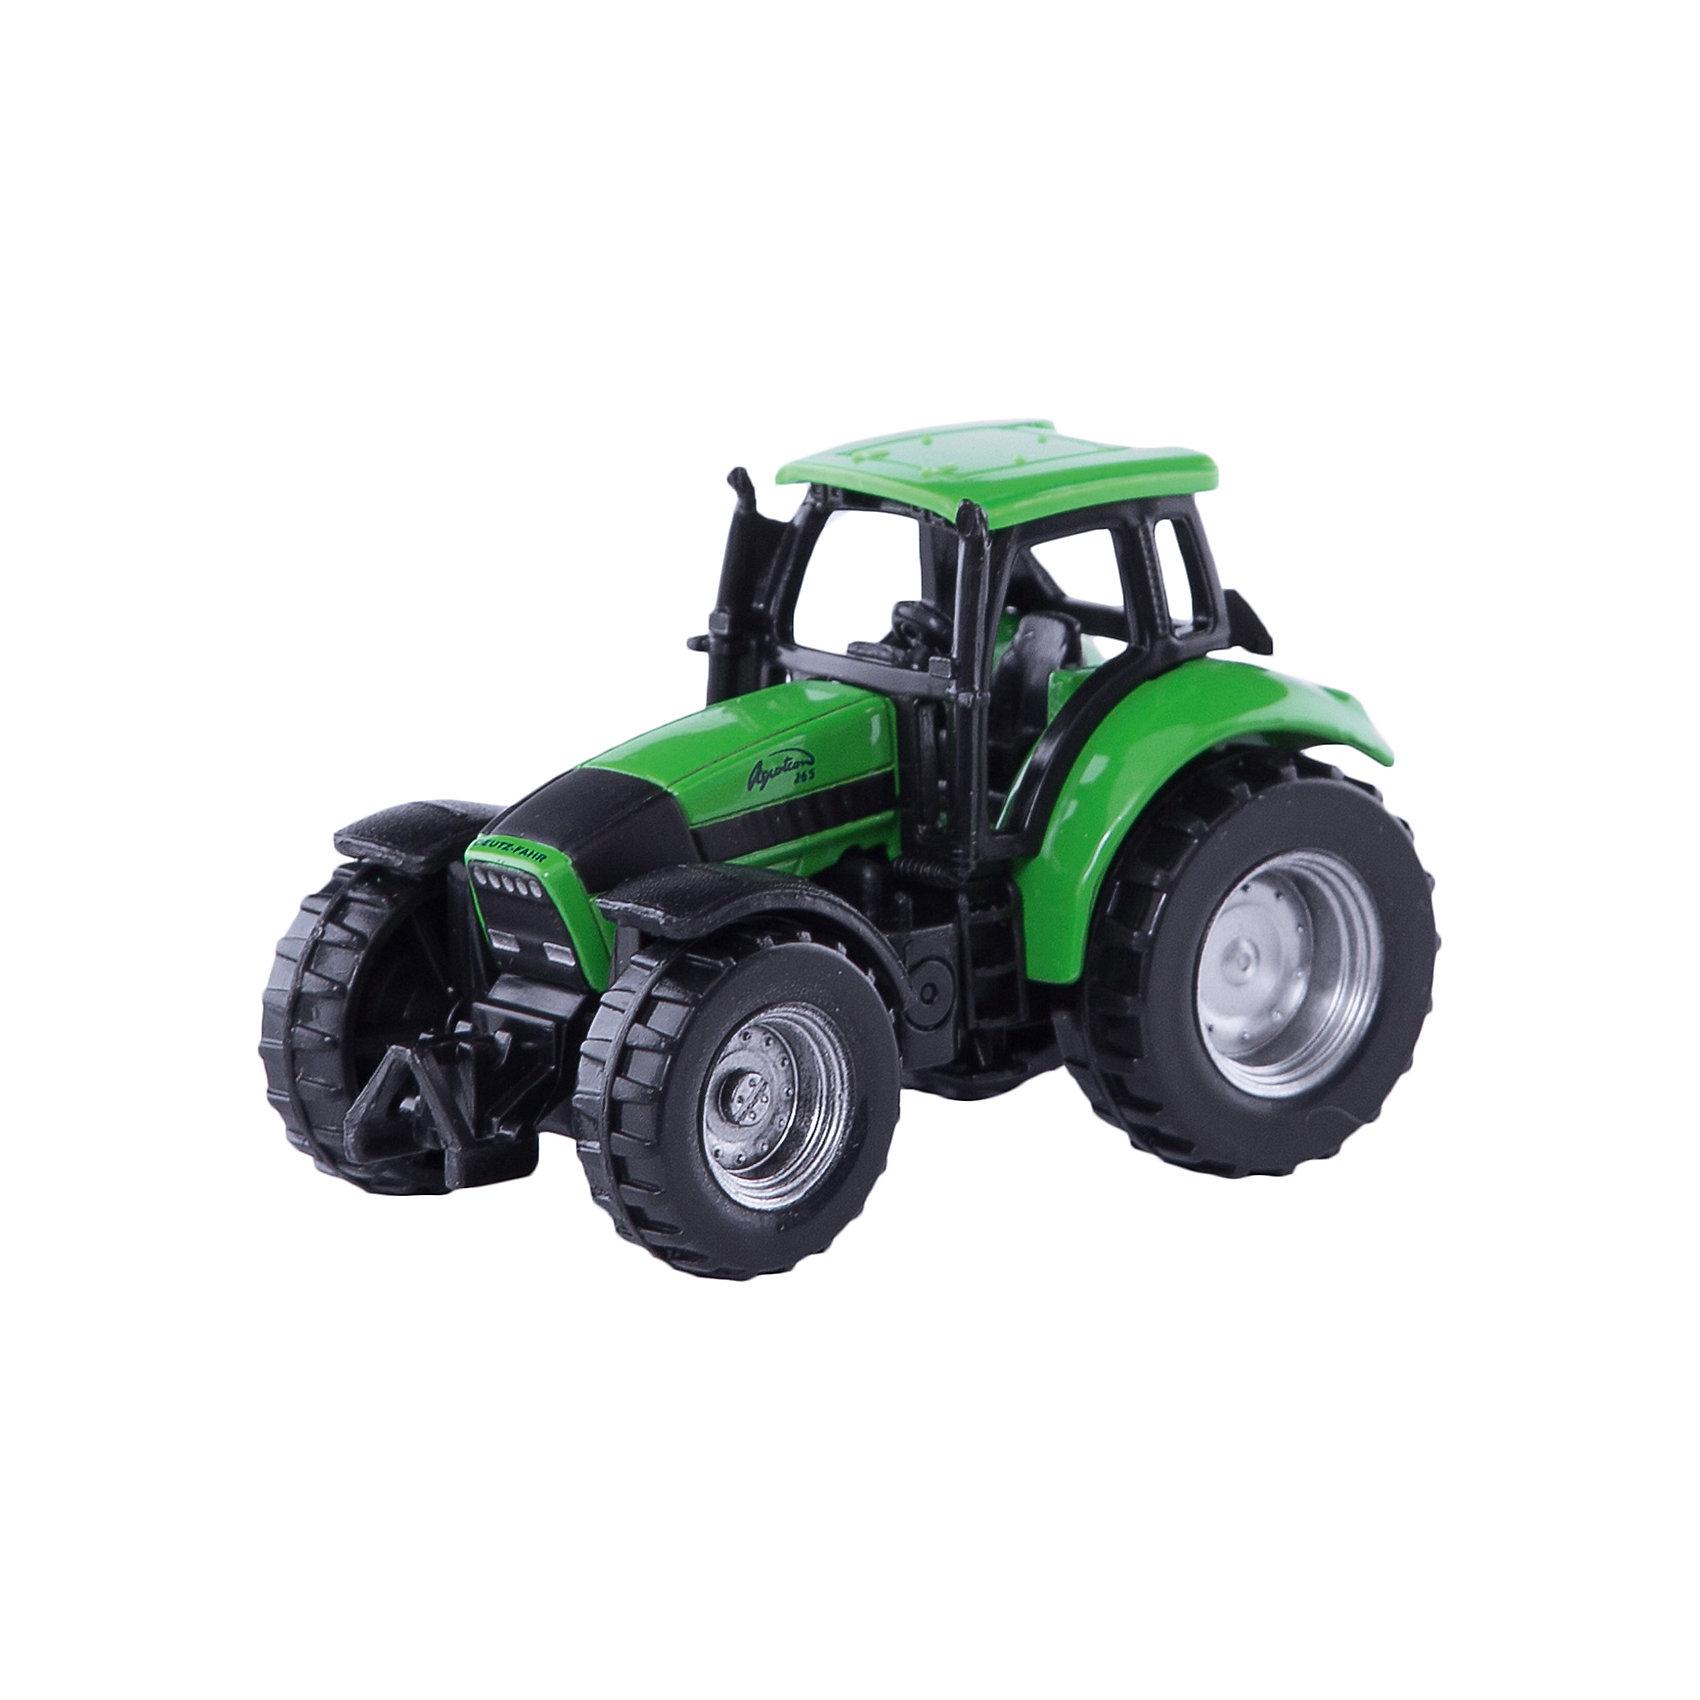 SIKU 0859 Трактор Deutz AgrotronМашинки<br>SIKU (СИКУ) 0859 Трактор Deutz Agrotron обладает высоким уровнем детализации. Deutz-Fahr (Дотц-Фар)-один из крупнейших мировых производителей комбайнов, двигателей, сельскохозяйственного оборудования и, конечно же, тракторов. Серия Agrotron является одной из наиболее популярных линеек в модельном ряду тракторов компании Deutz-Fahr.<br><br>Корпус модели трактора выполнен из металла, кабина из пластика, колёса выполнены из пластика и вращаются, можно катать. Модель оснащена мощными колесами с рифлеными шинами и обладает хорошим сцеплением даже со скользкой поверхностью. Модель отлично сбалансирована и хорошо разгоняется от незначительного толчка рукой.<br><br>Дополнительная информация:<br>-Размер: 7,0 x 3,5 x 4,5 см<br>-Материал: металл, пластмасса<br><br>Игра с моделями тракторов SIKU (СИКУ) развивает воображение, мышление, память, мелкую моторику рук и координацию движений детей.<br><br>SIKU (СИКУ) 0859 Трактор Deutz Agrotron можно купить в нашем магазине.<br><br>Ширина мм: 97<br>Глубина мм: 78<br>Высота мм: 38<br>Вес г: 50<br>Возраст от месяцев: 36<br>Возраст до месяцев: 96<br>Пол: Мужской<br>Возраст: Детский<br>SKU: 1519981